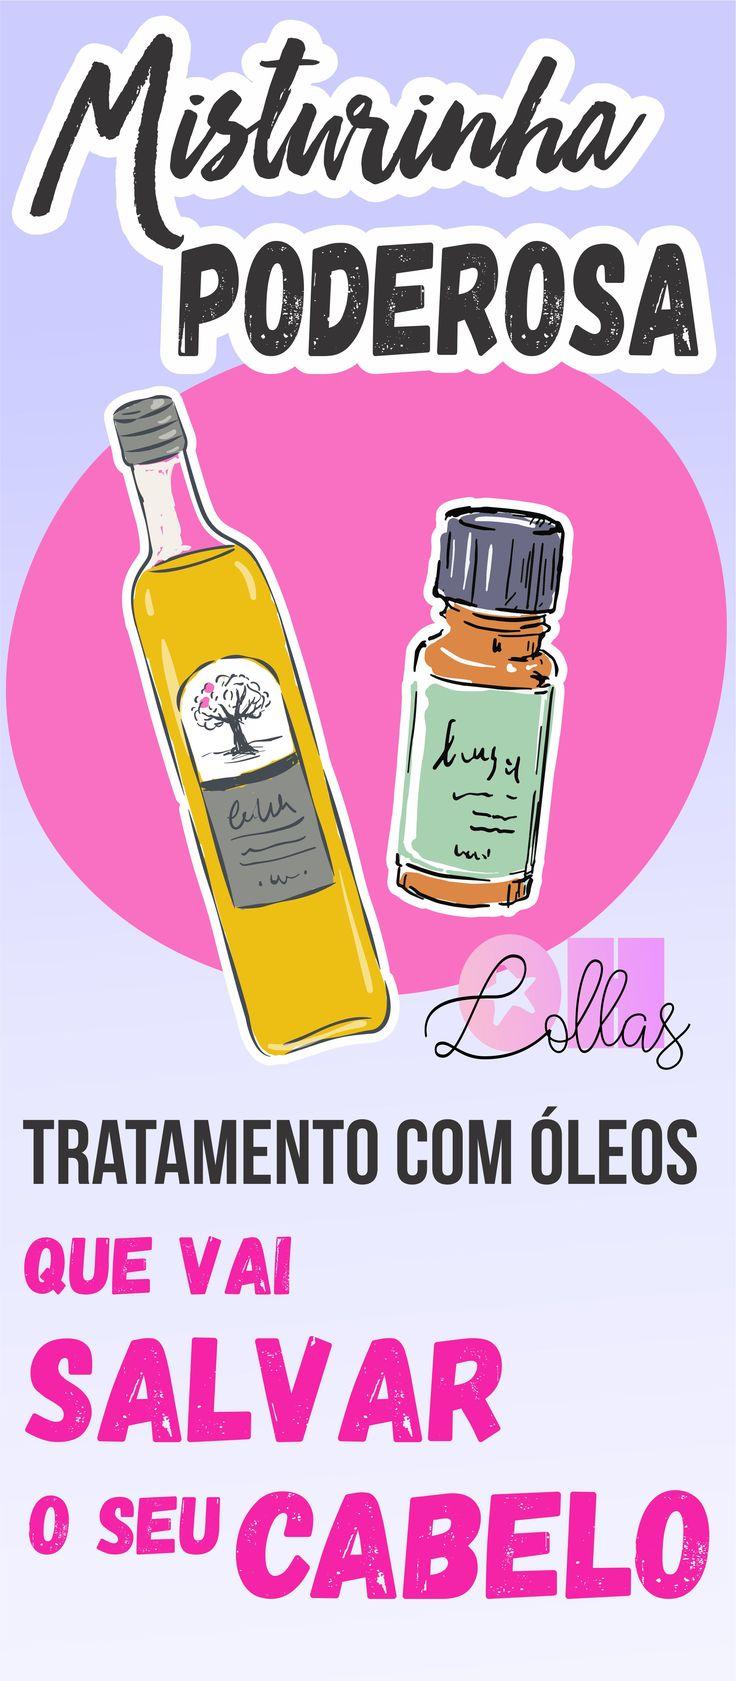 Umectação capilar: Mistura de óleos que vai salvar seu cabelo. Ajuda contra  a queda de cabelo e auxilia no crescimento saudável do cabelo. Hot oil treatment. #Umectaçãocapilar #cronogramacapilar #ProjetoRapunzel #CabelosCacheados #Ohlollas